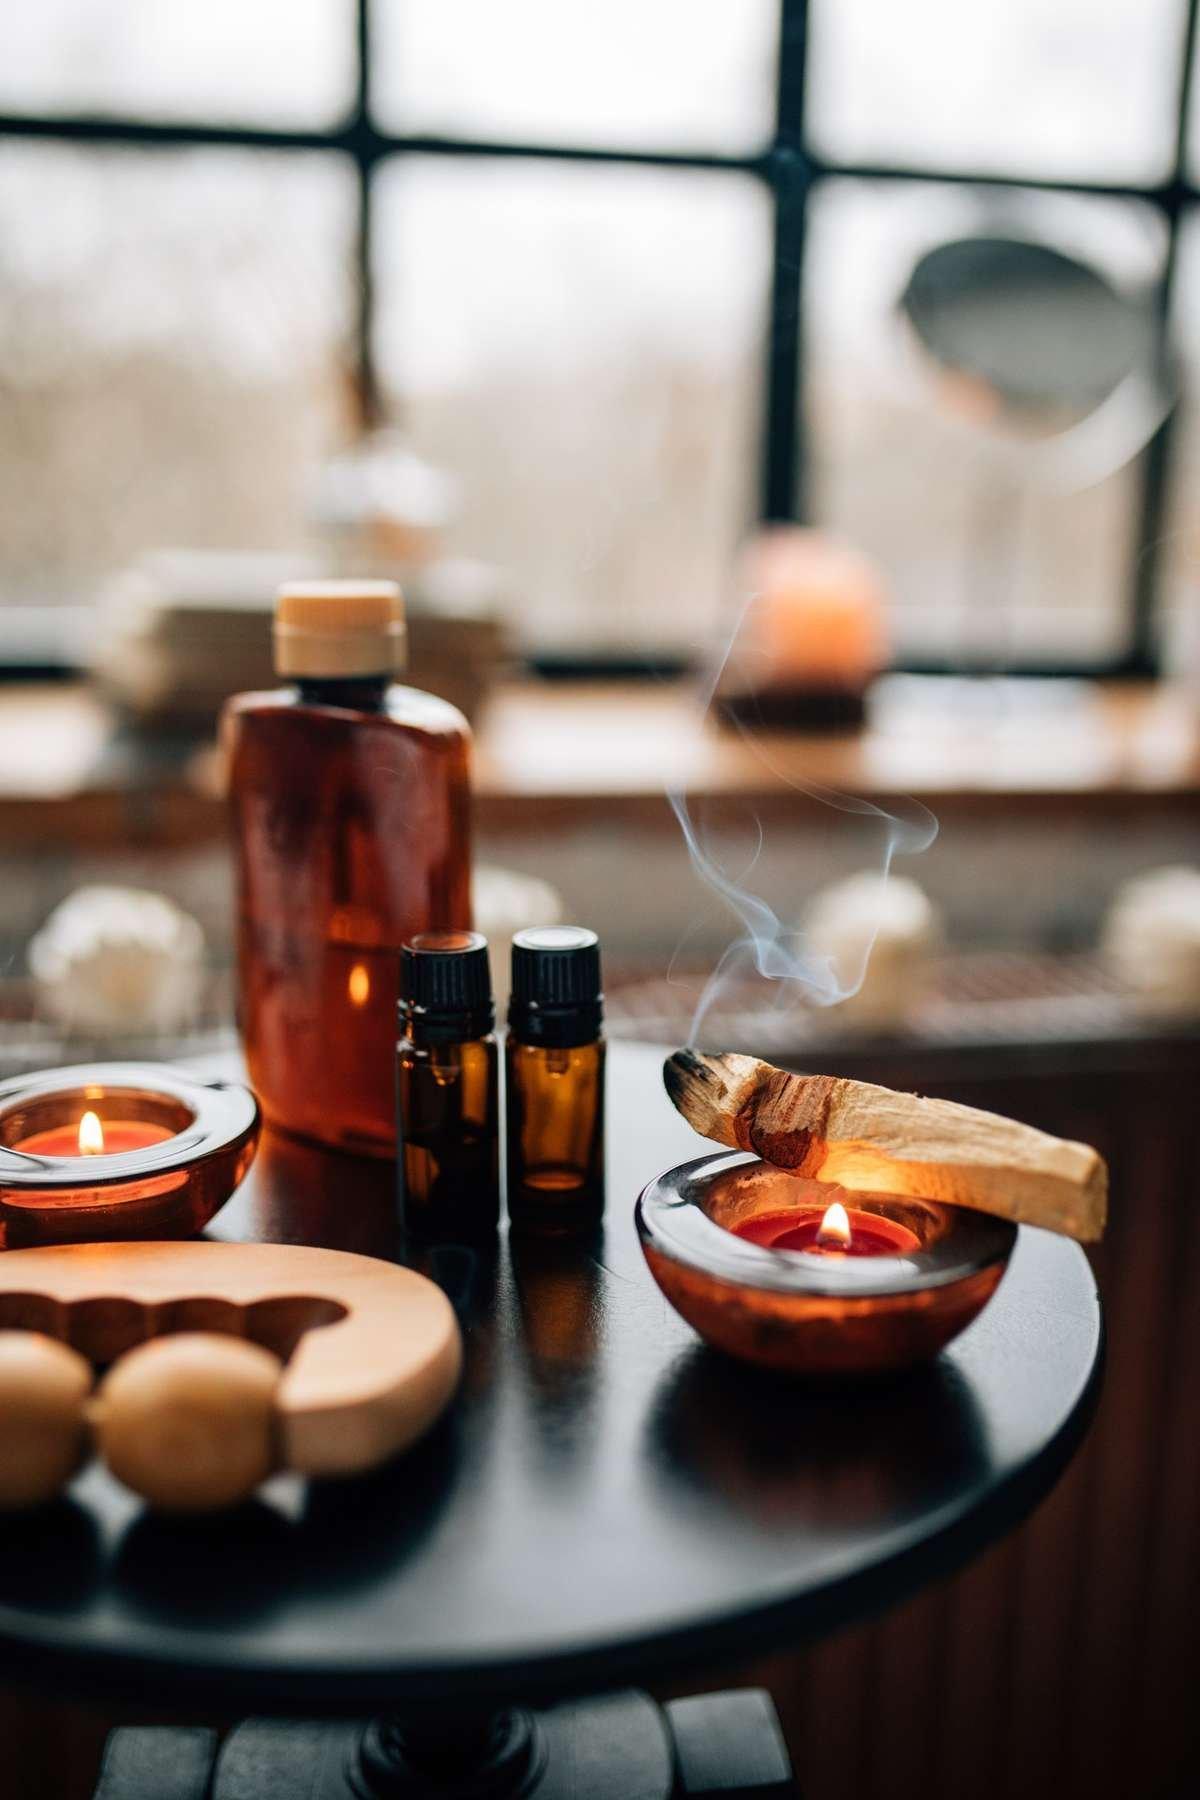 HoPE - Homemade Massage Oil